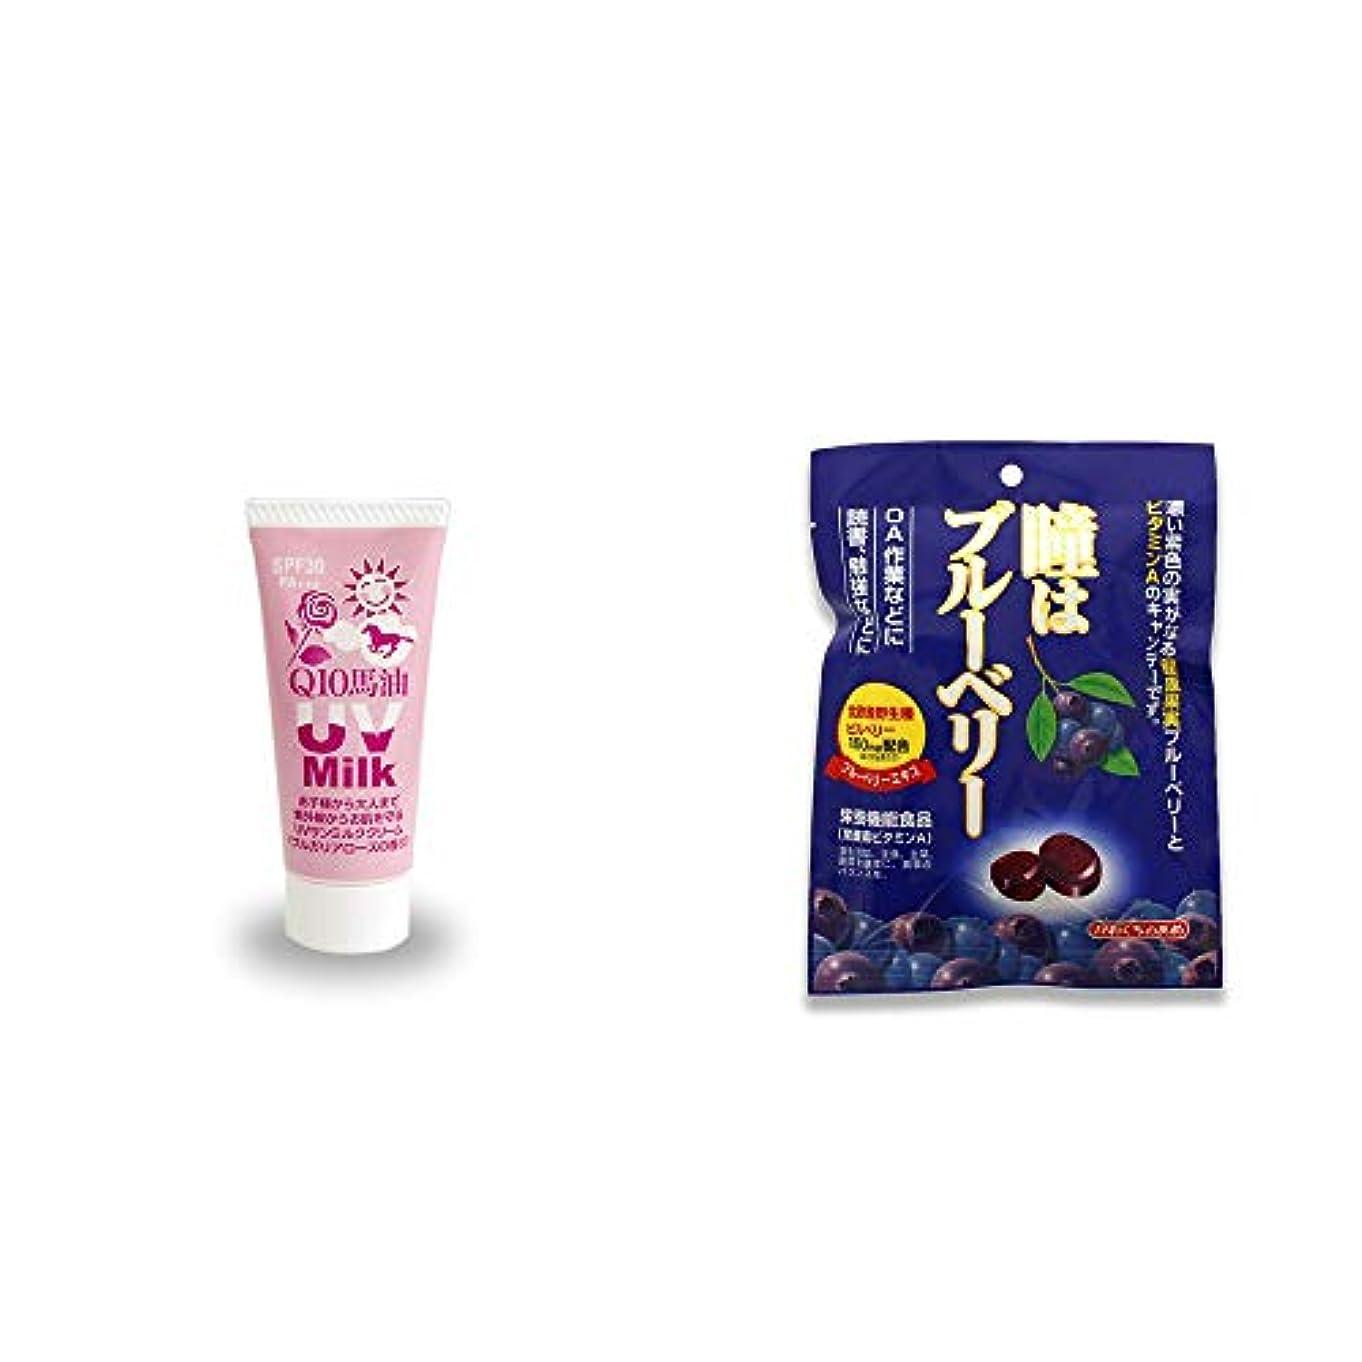 [2点セット] 炭黒泉 Q10馬油 UVサンミルク[ブルガリアローズ](40g)?瞳はブルーベリー 健康機能食品[ビタミンA](100g)